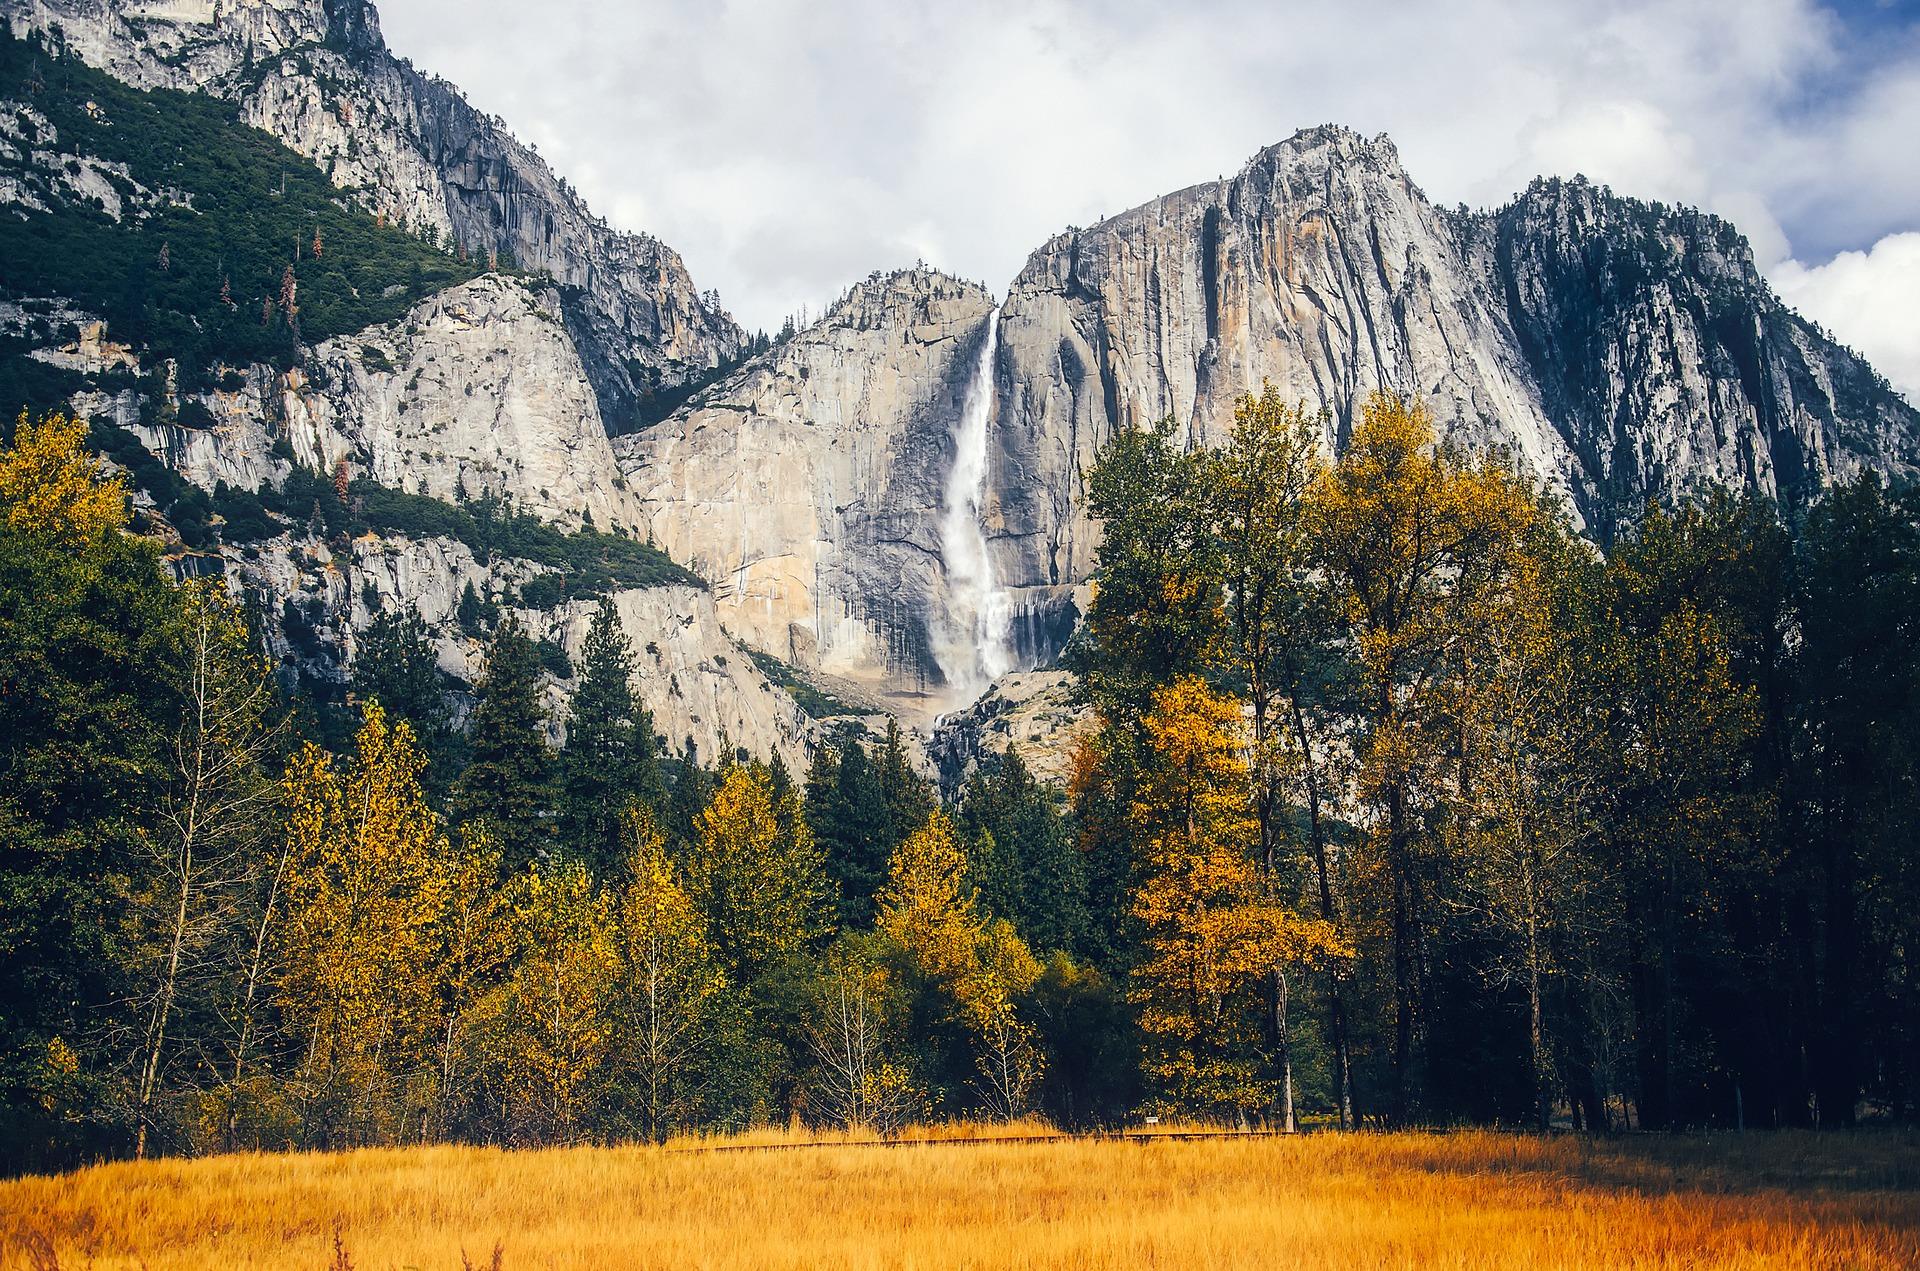 Yosemite Falls, Yosemite National Park in California, USA